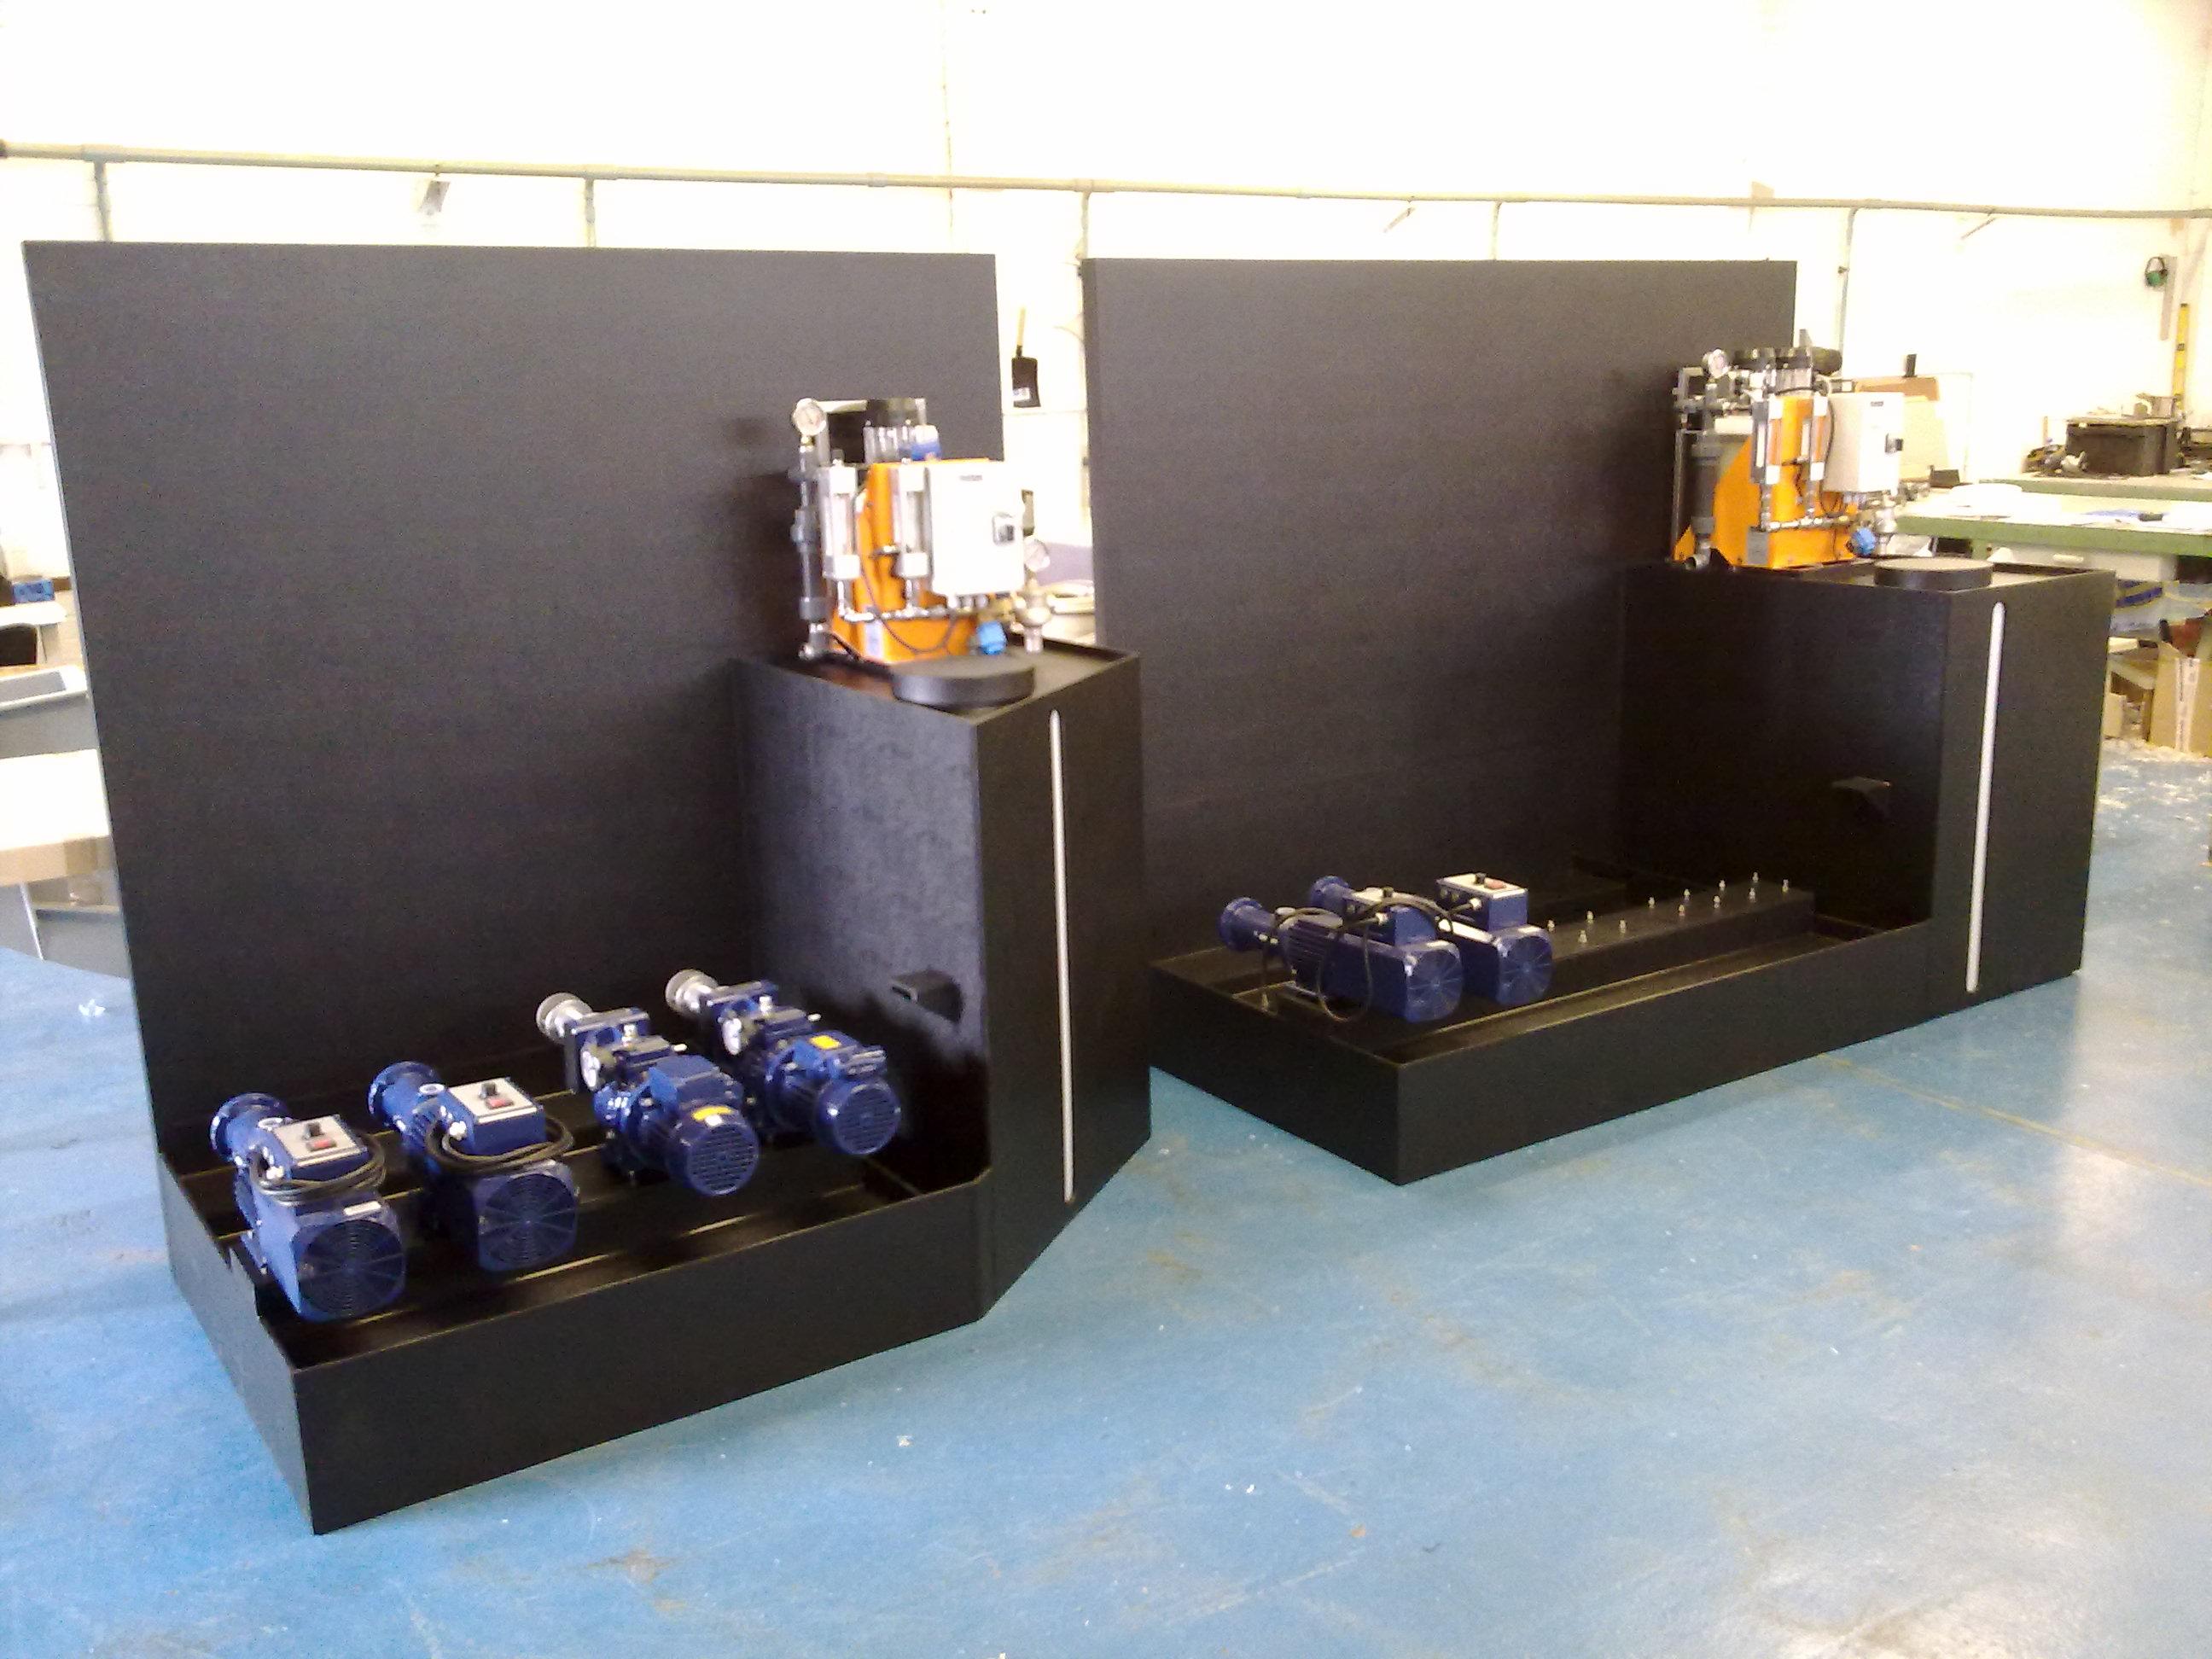 7 Beckox bespoken equipment Beckox bespoken equipment 7